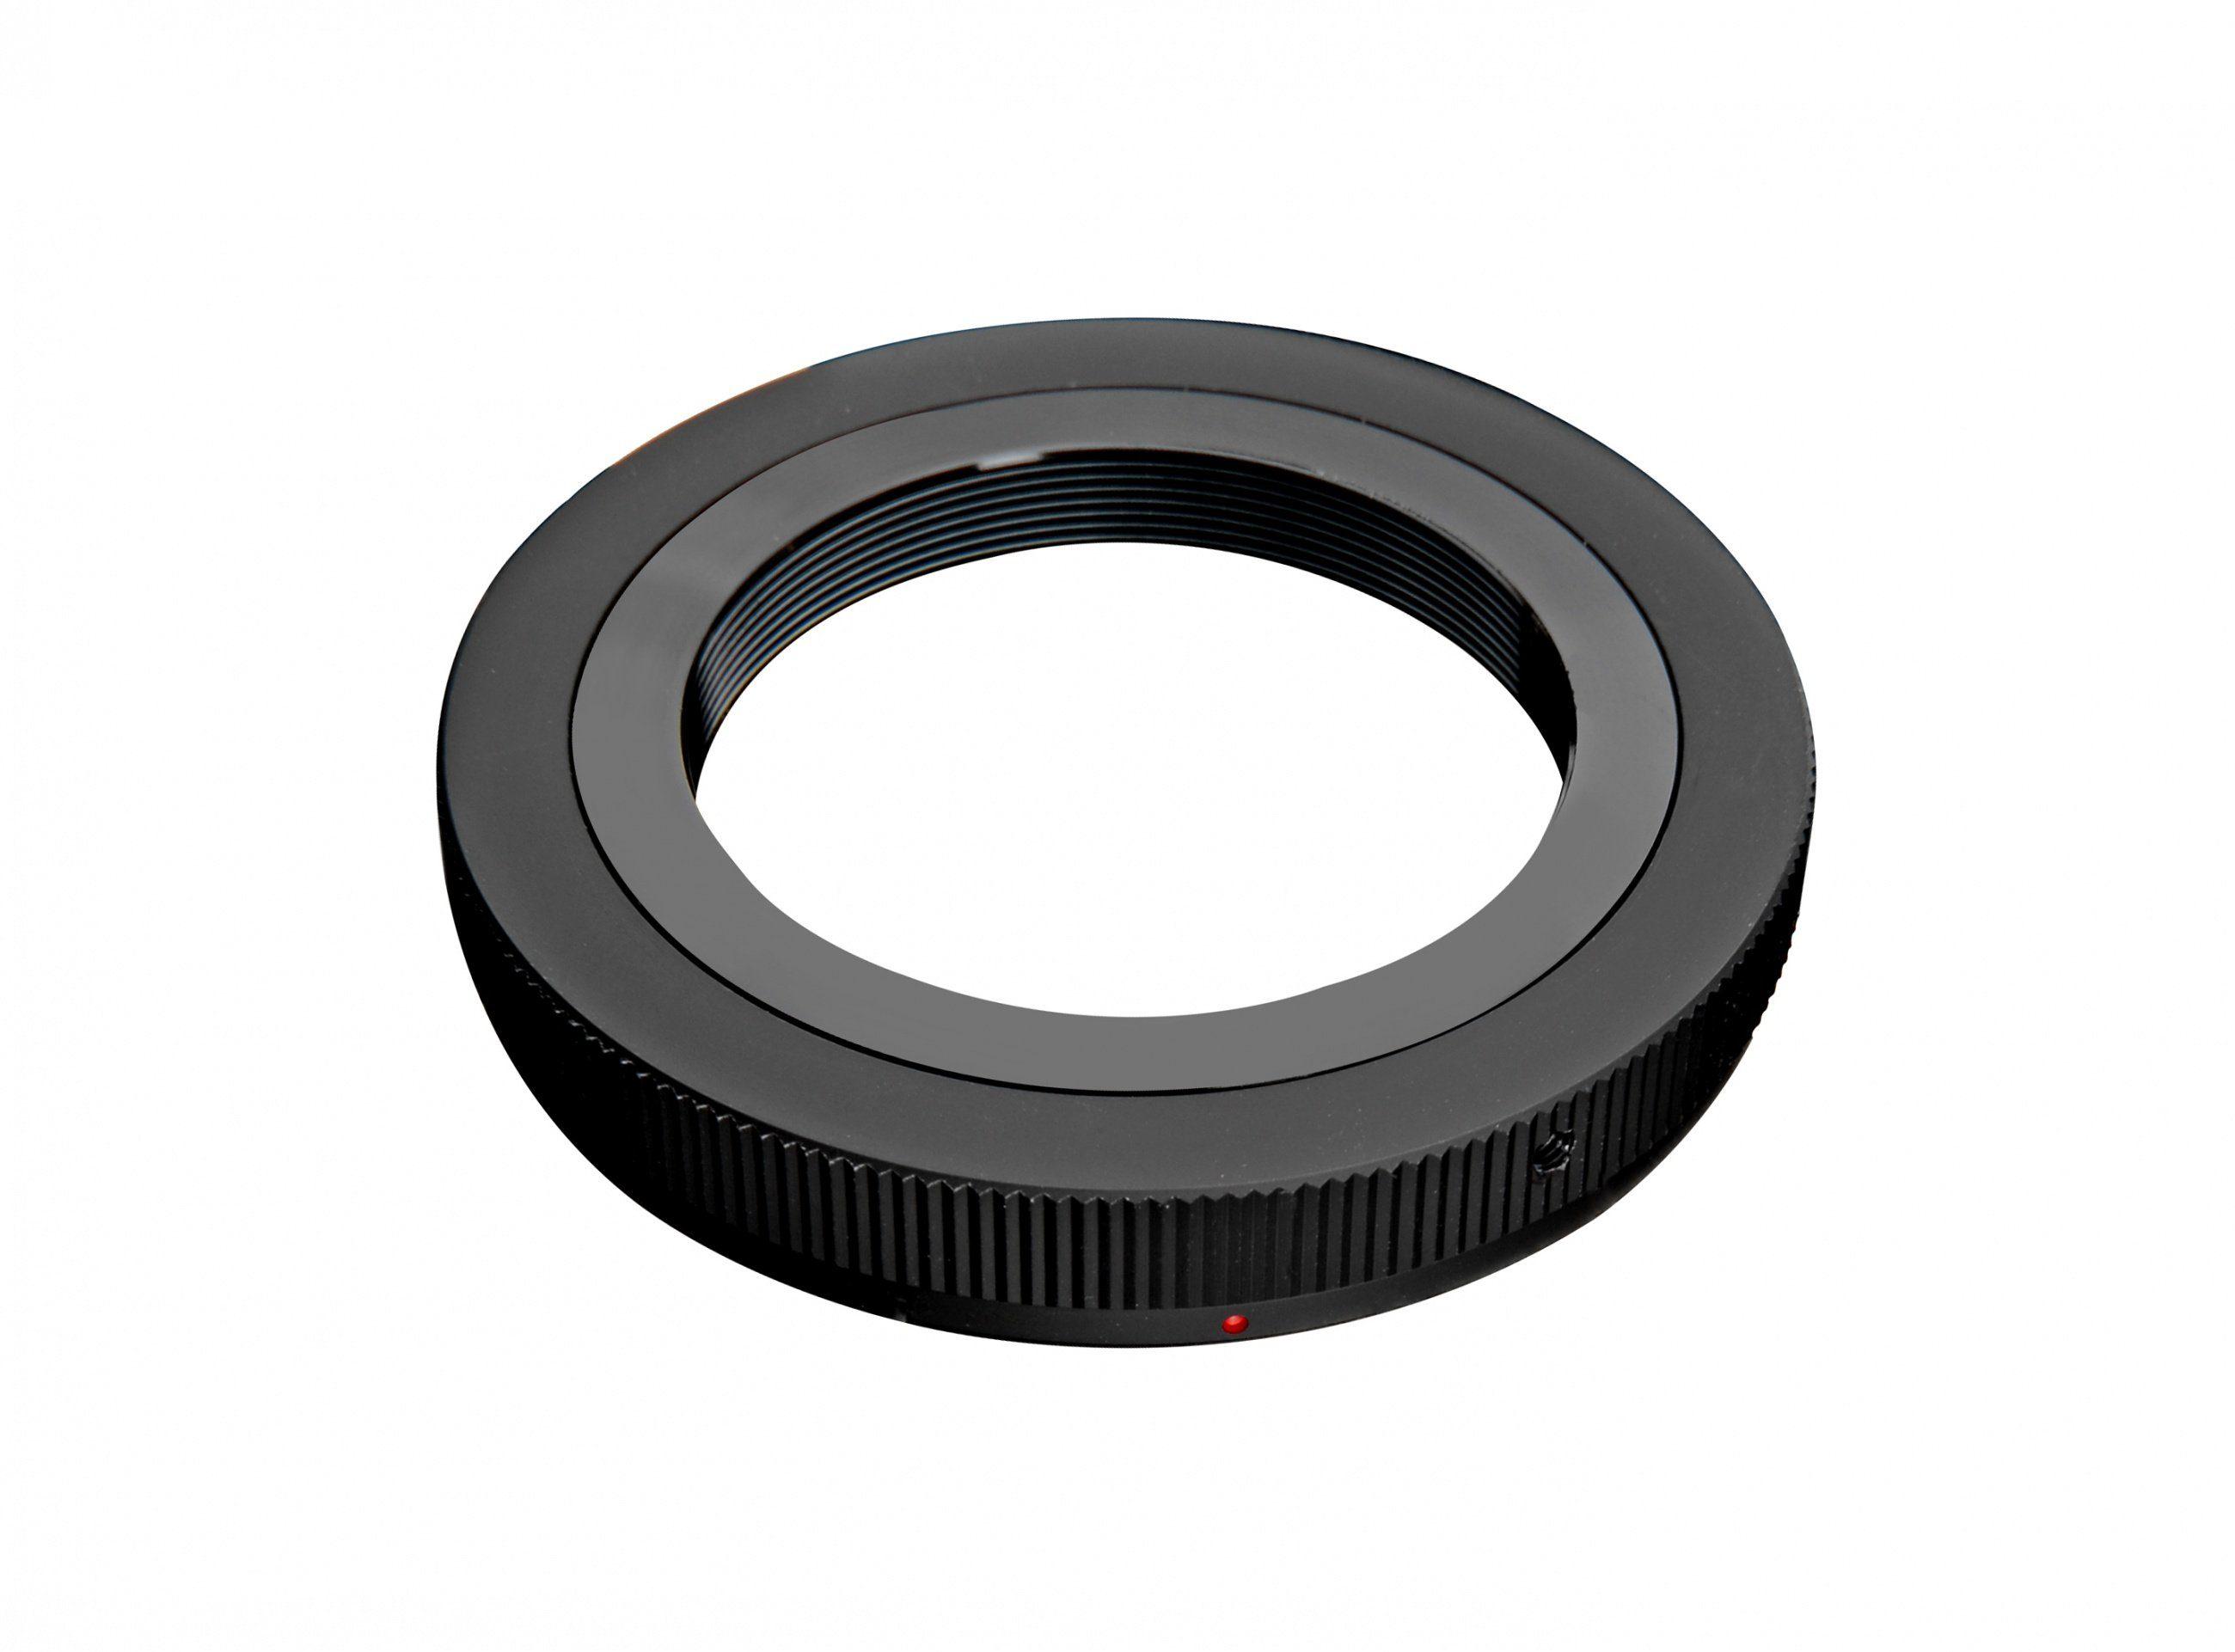 Bresser Kameraadapter »T2-Ring für Canon EOS«